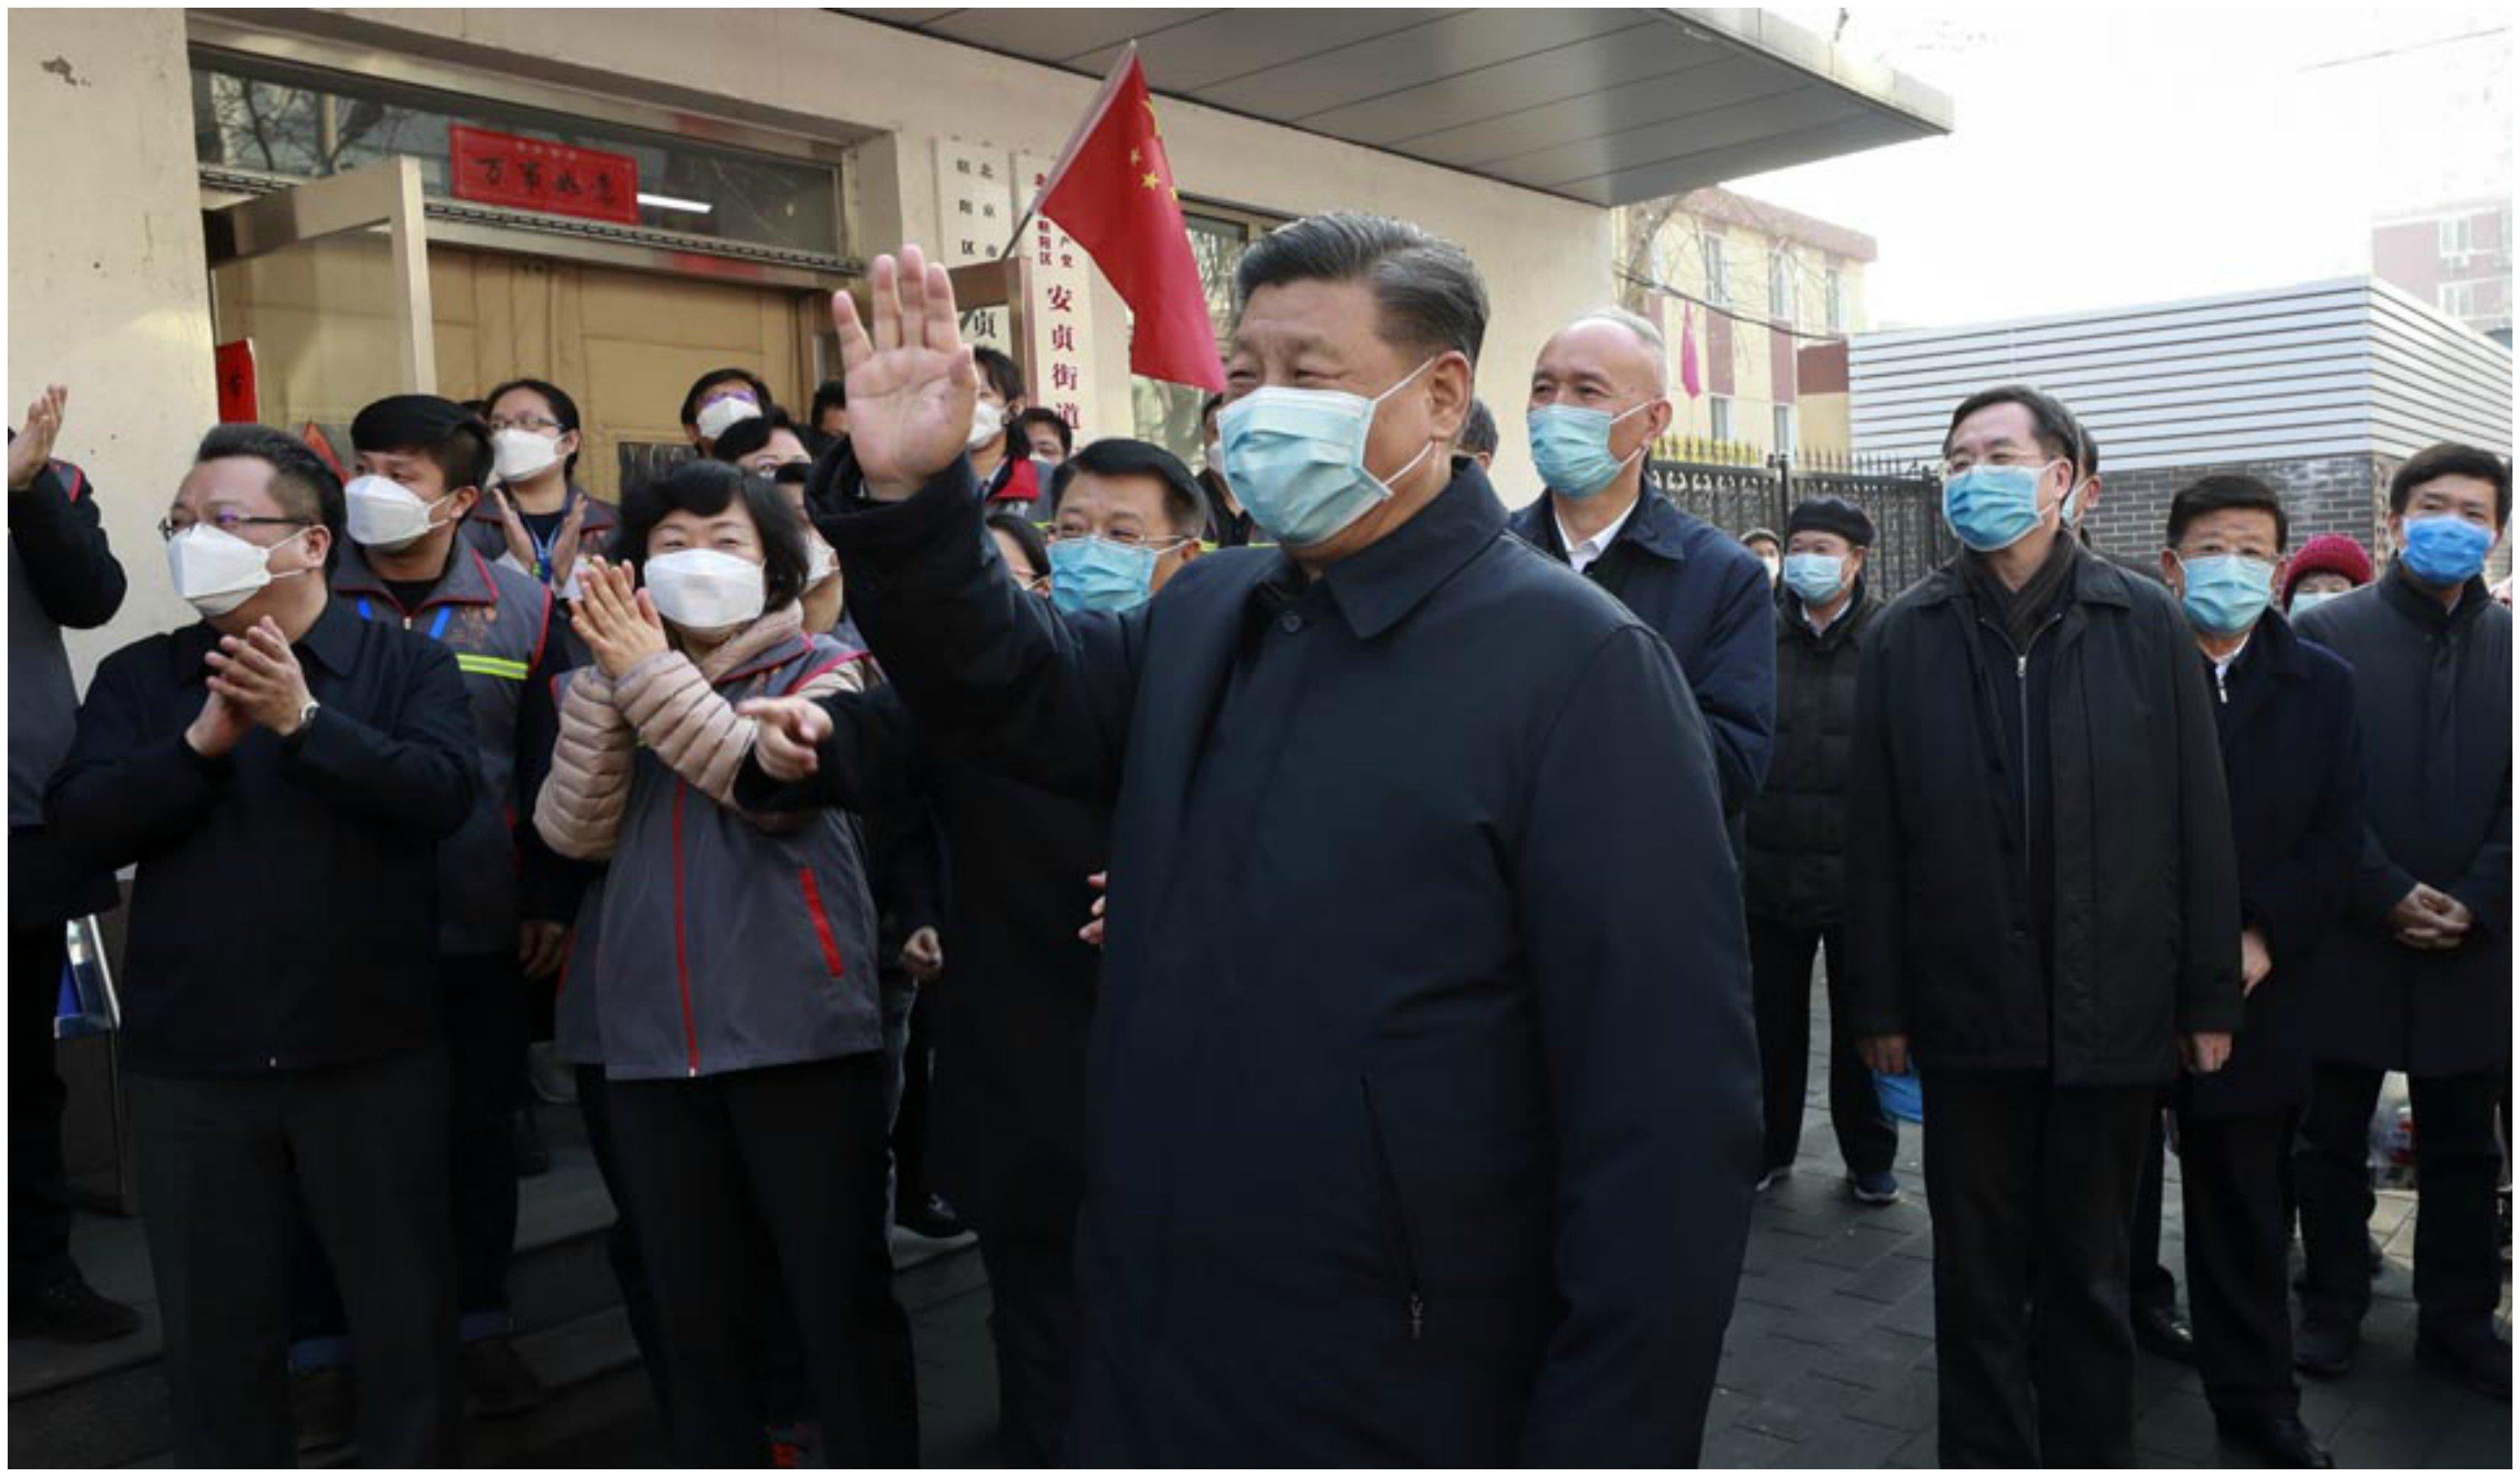 El presidente Xi Jinping saluda a su pueblo